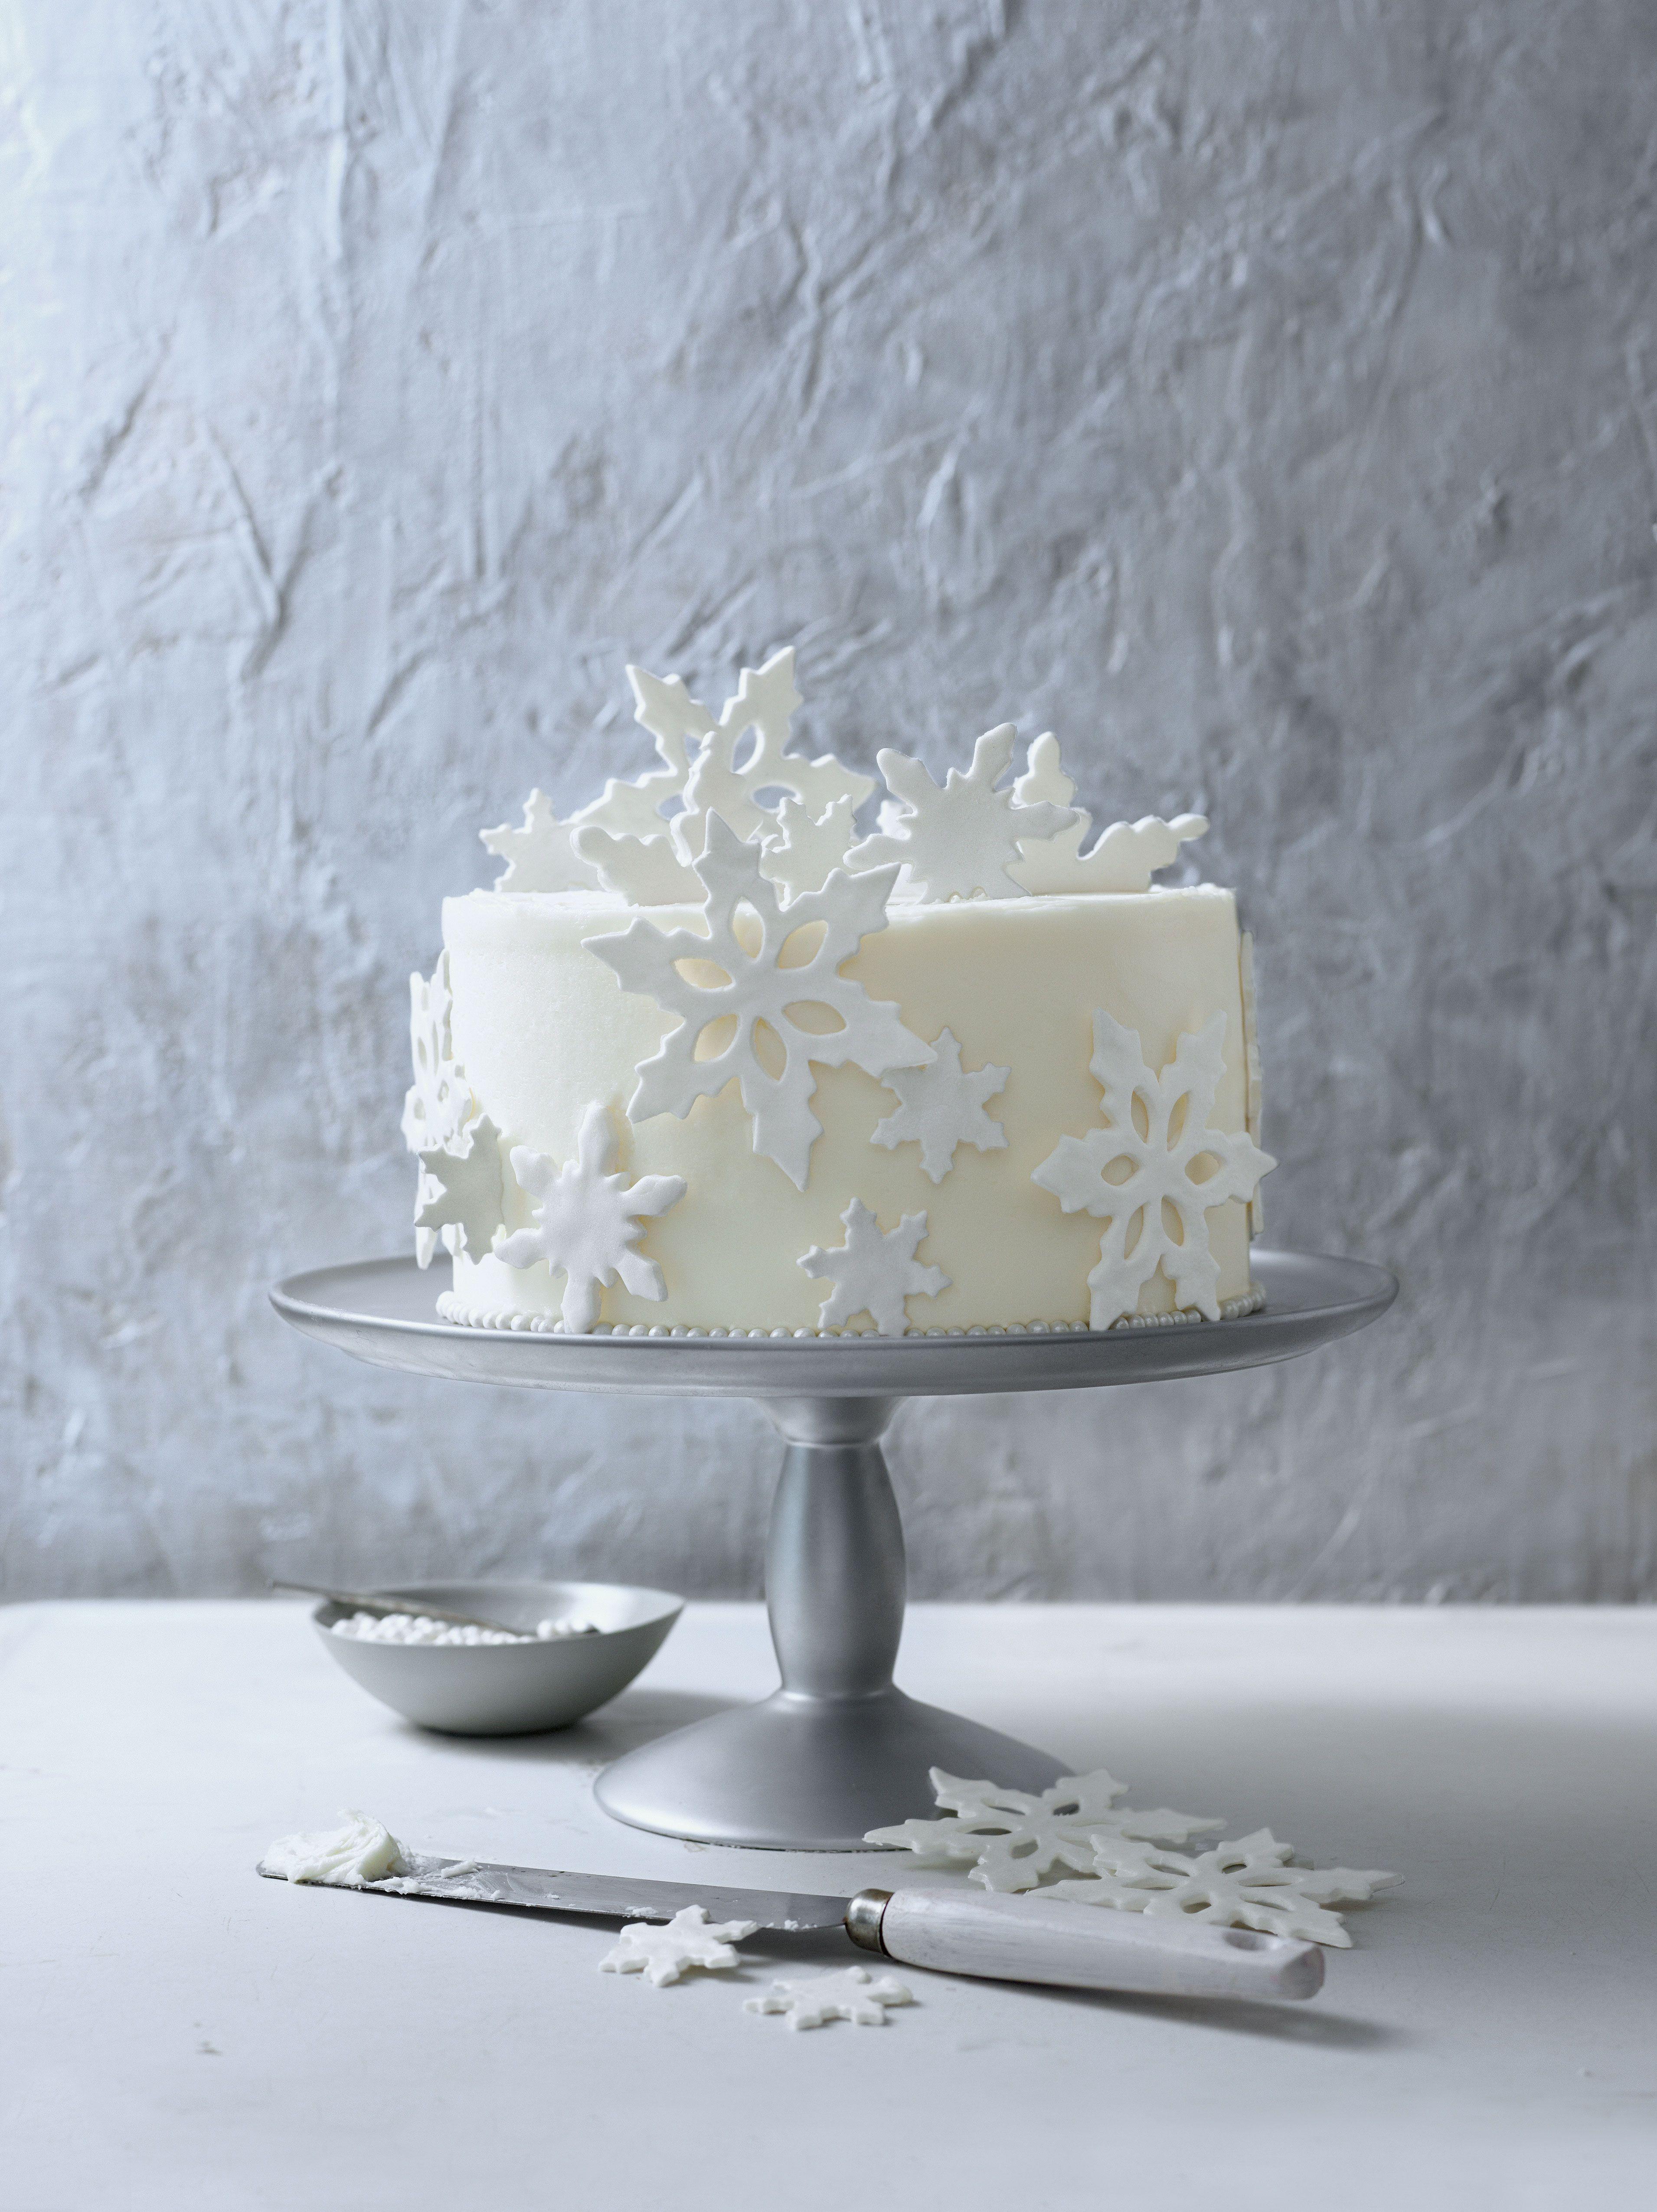 Cake Decorating Ideas Fondant Snowflakes White Birthday Cakes Cake Decorating Icing Novelty Birthday Cakes